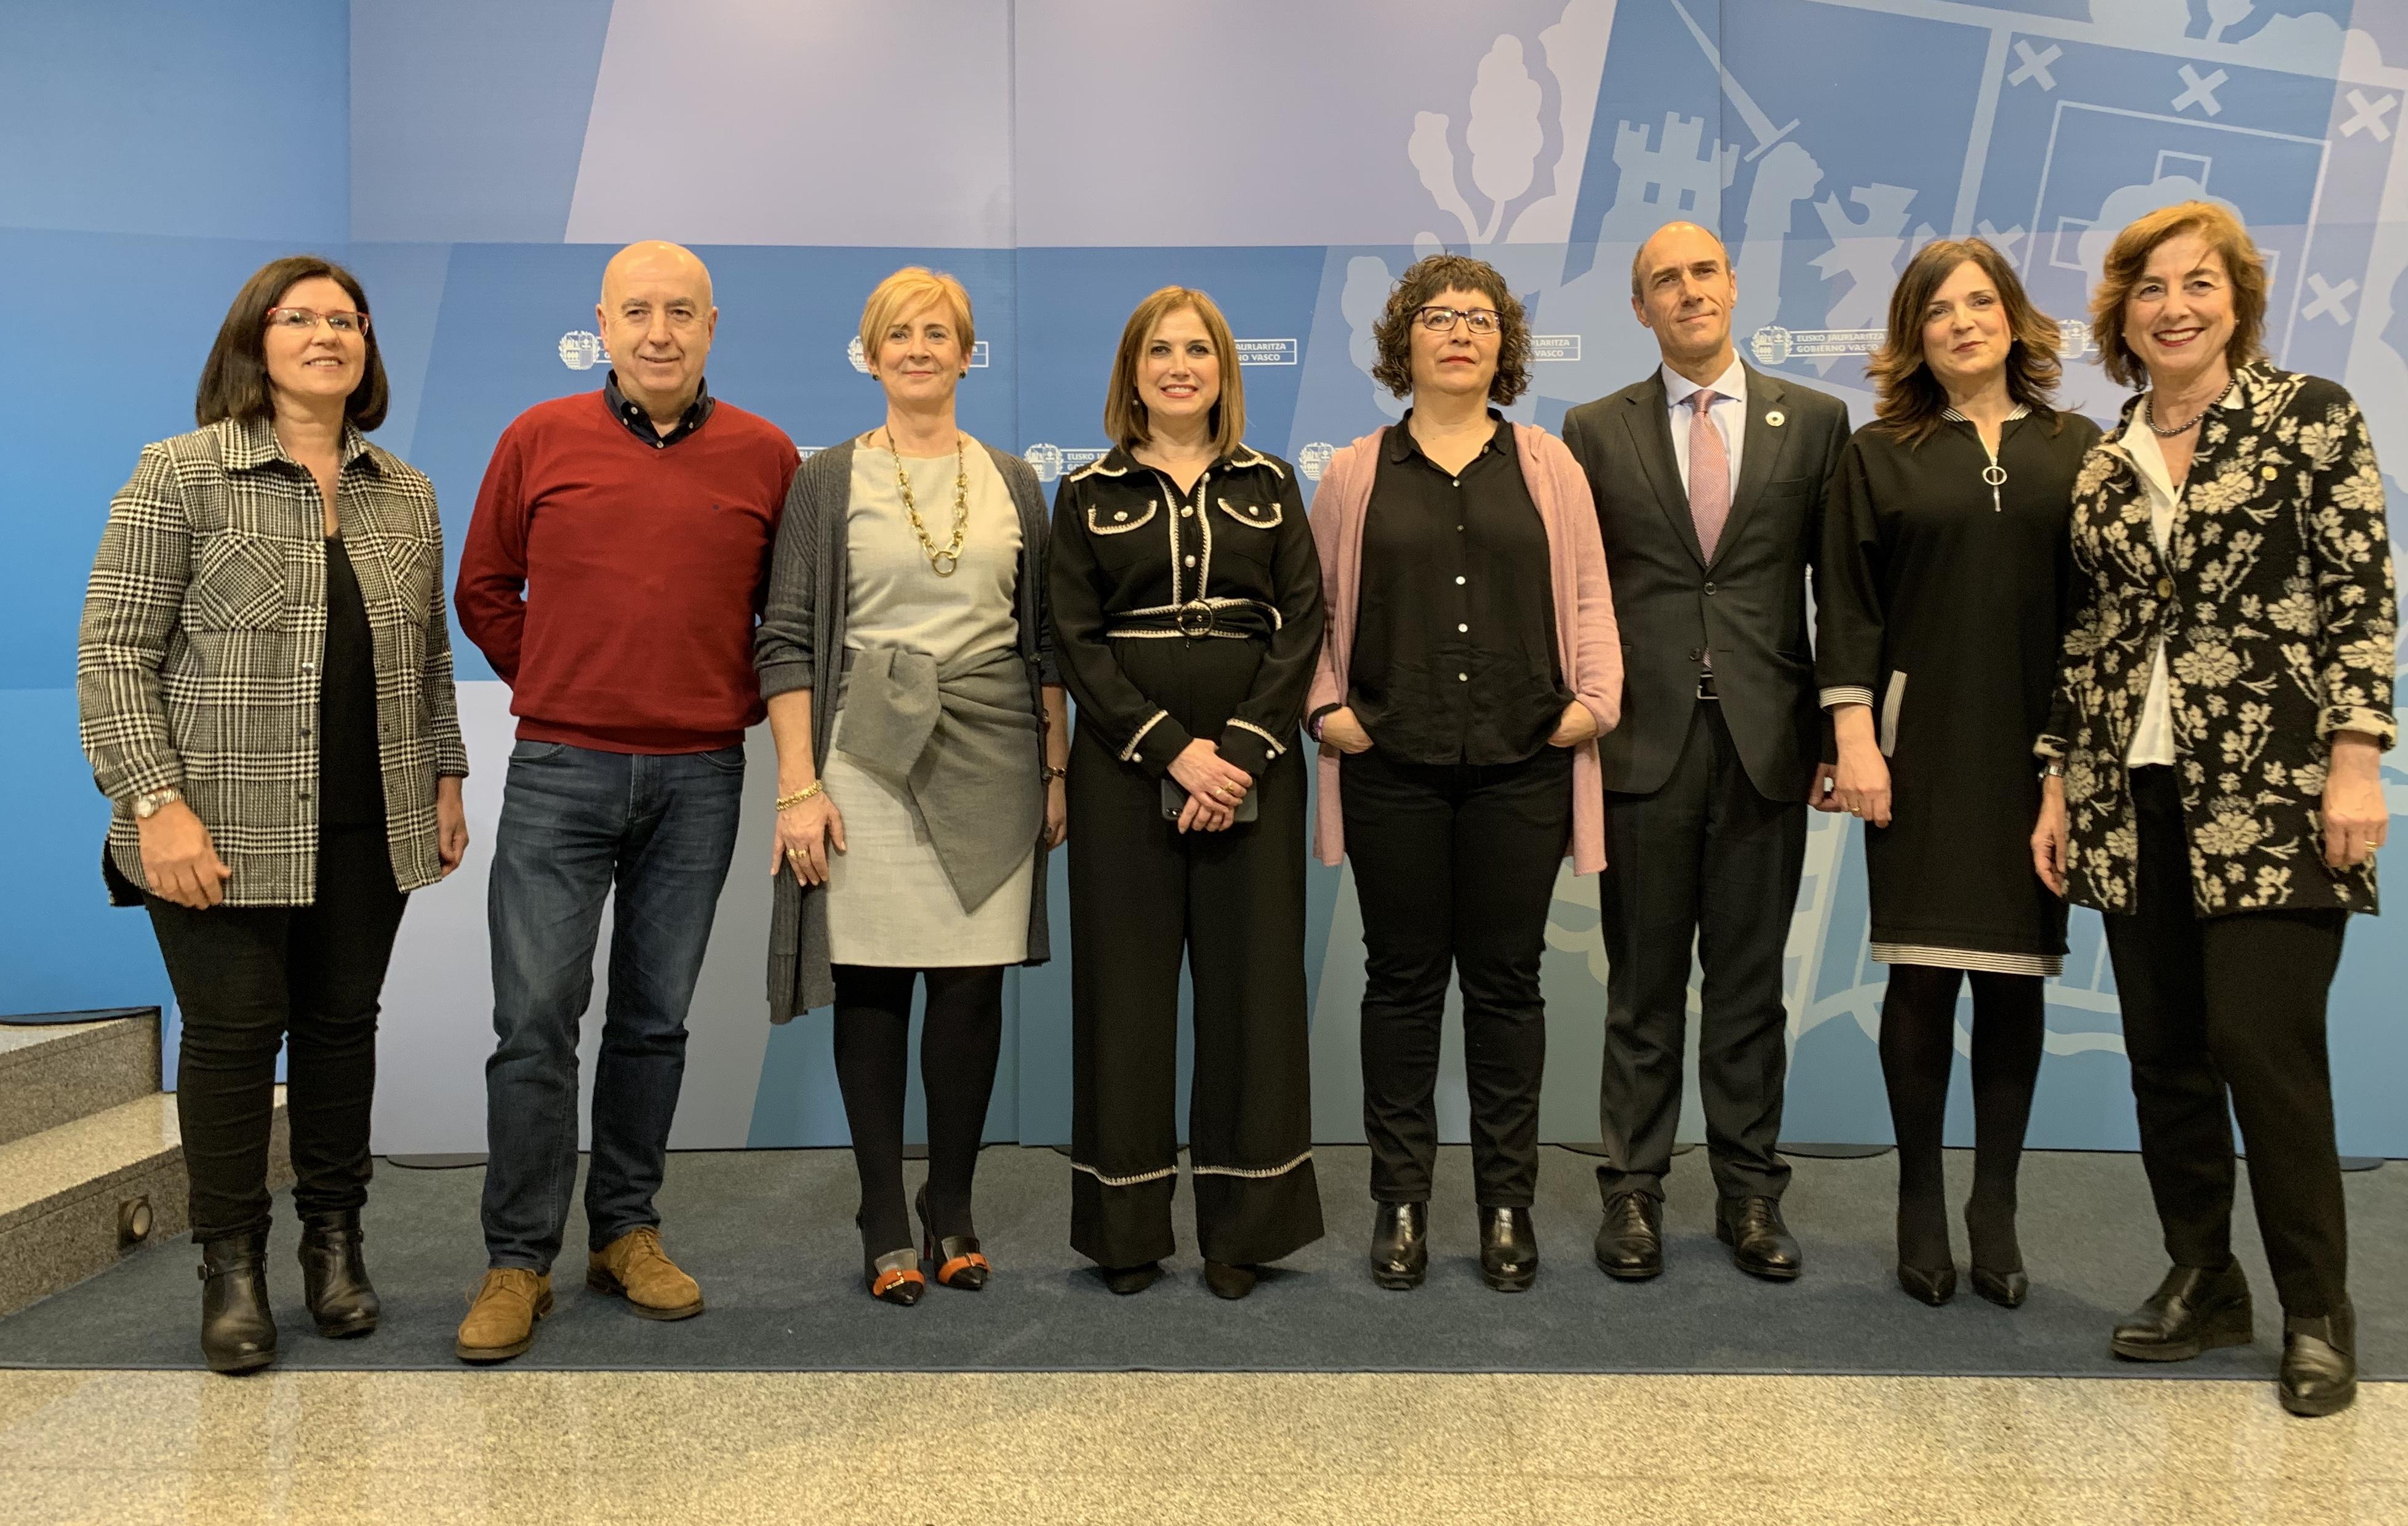 Gobierno Vasco, Confebask, CCOO y UGT aprueban los acuerdos alcanzados por los Grupos de Trabajo de la Mesa de Diálogo Social y establecen el Plan de Trabajo para 2020